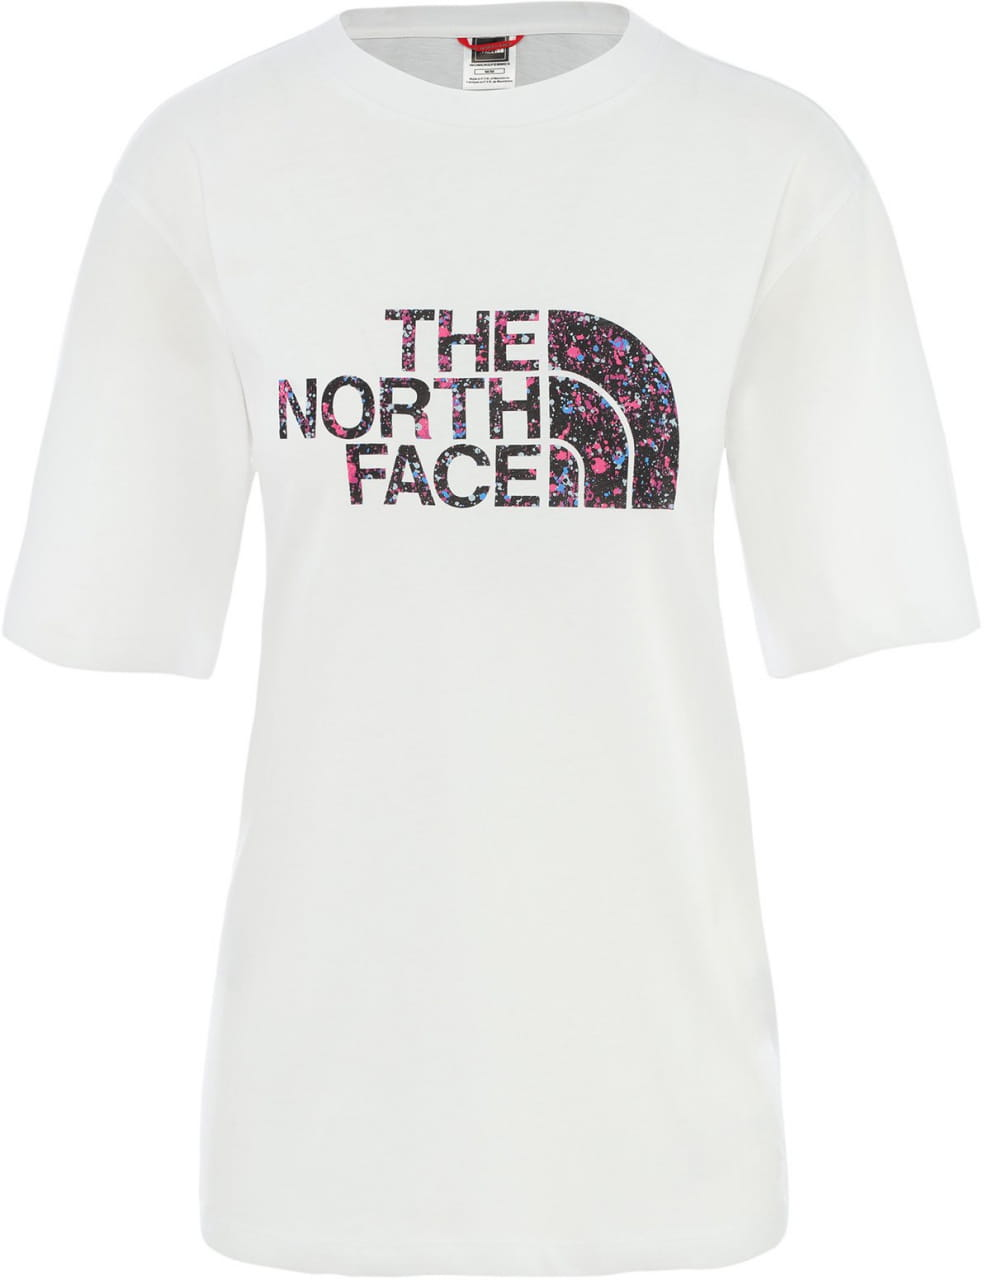 Dámské tričko The North Face Women's Bf Easy T-Shirt